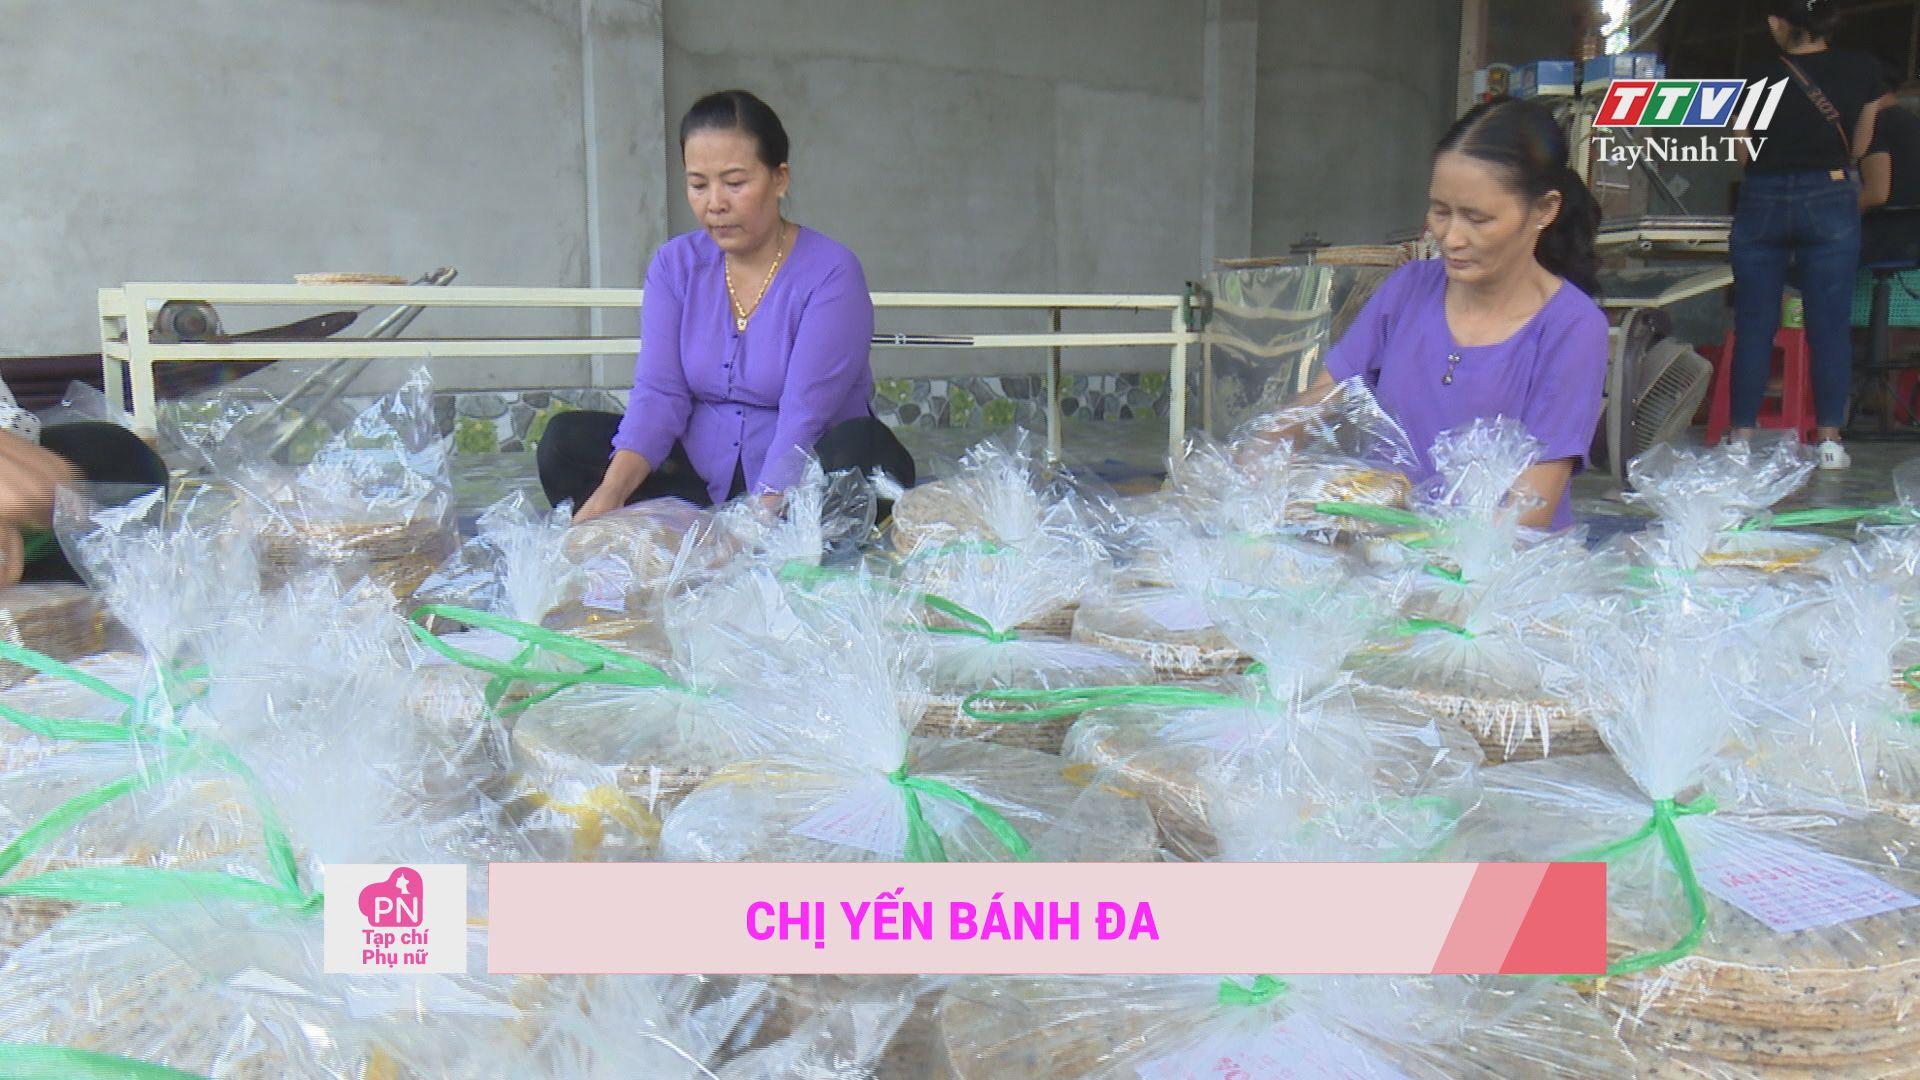 Chị Yến bánh đa | TẠP CHÍ PHỤ NỮ | TayNinh TV